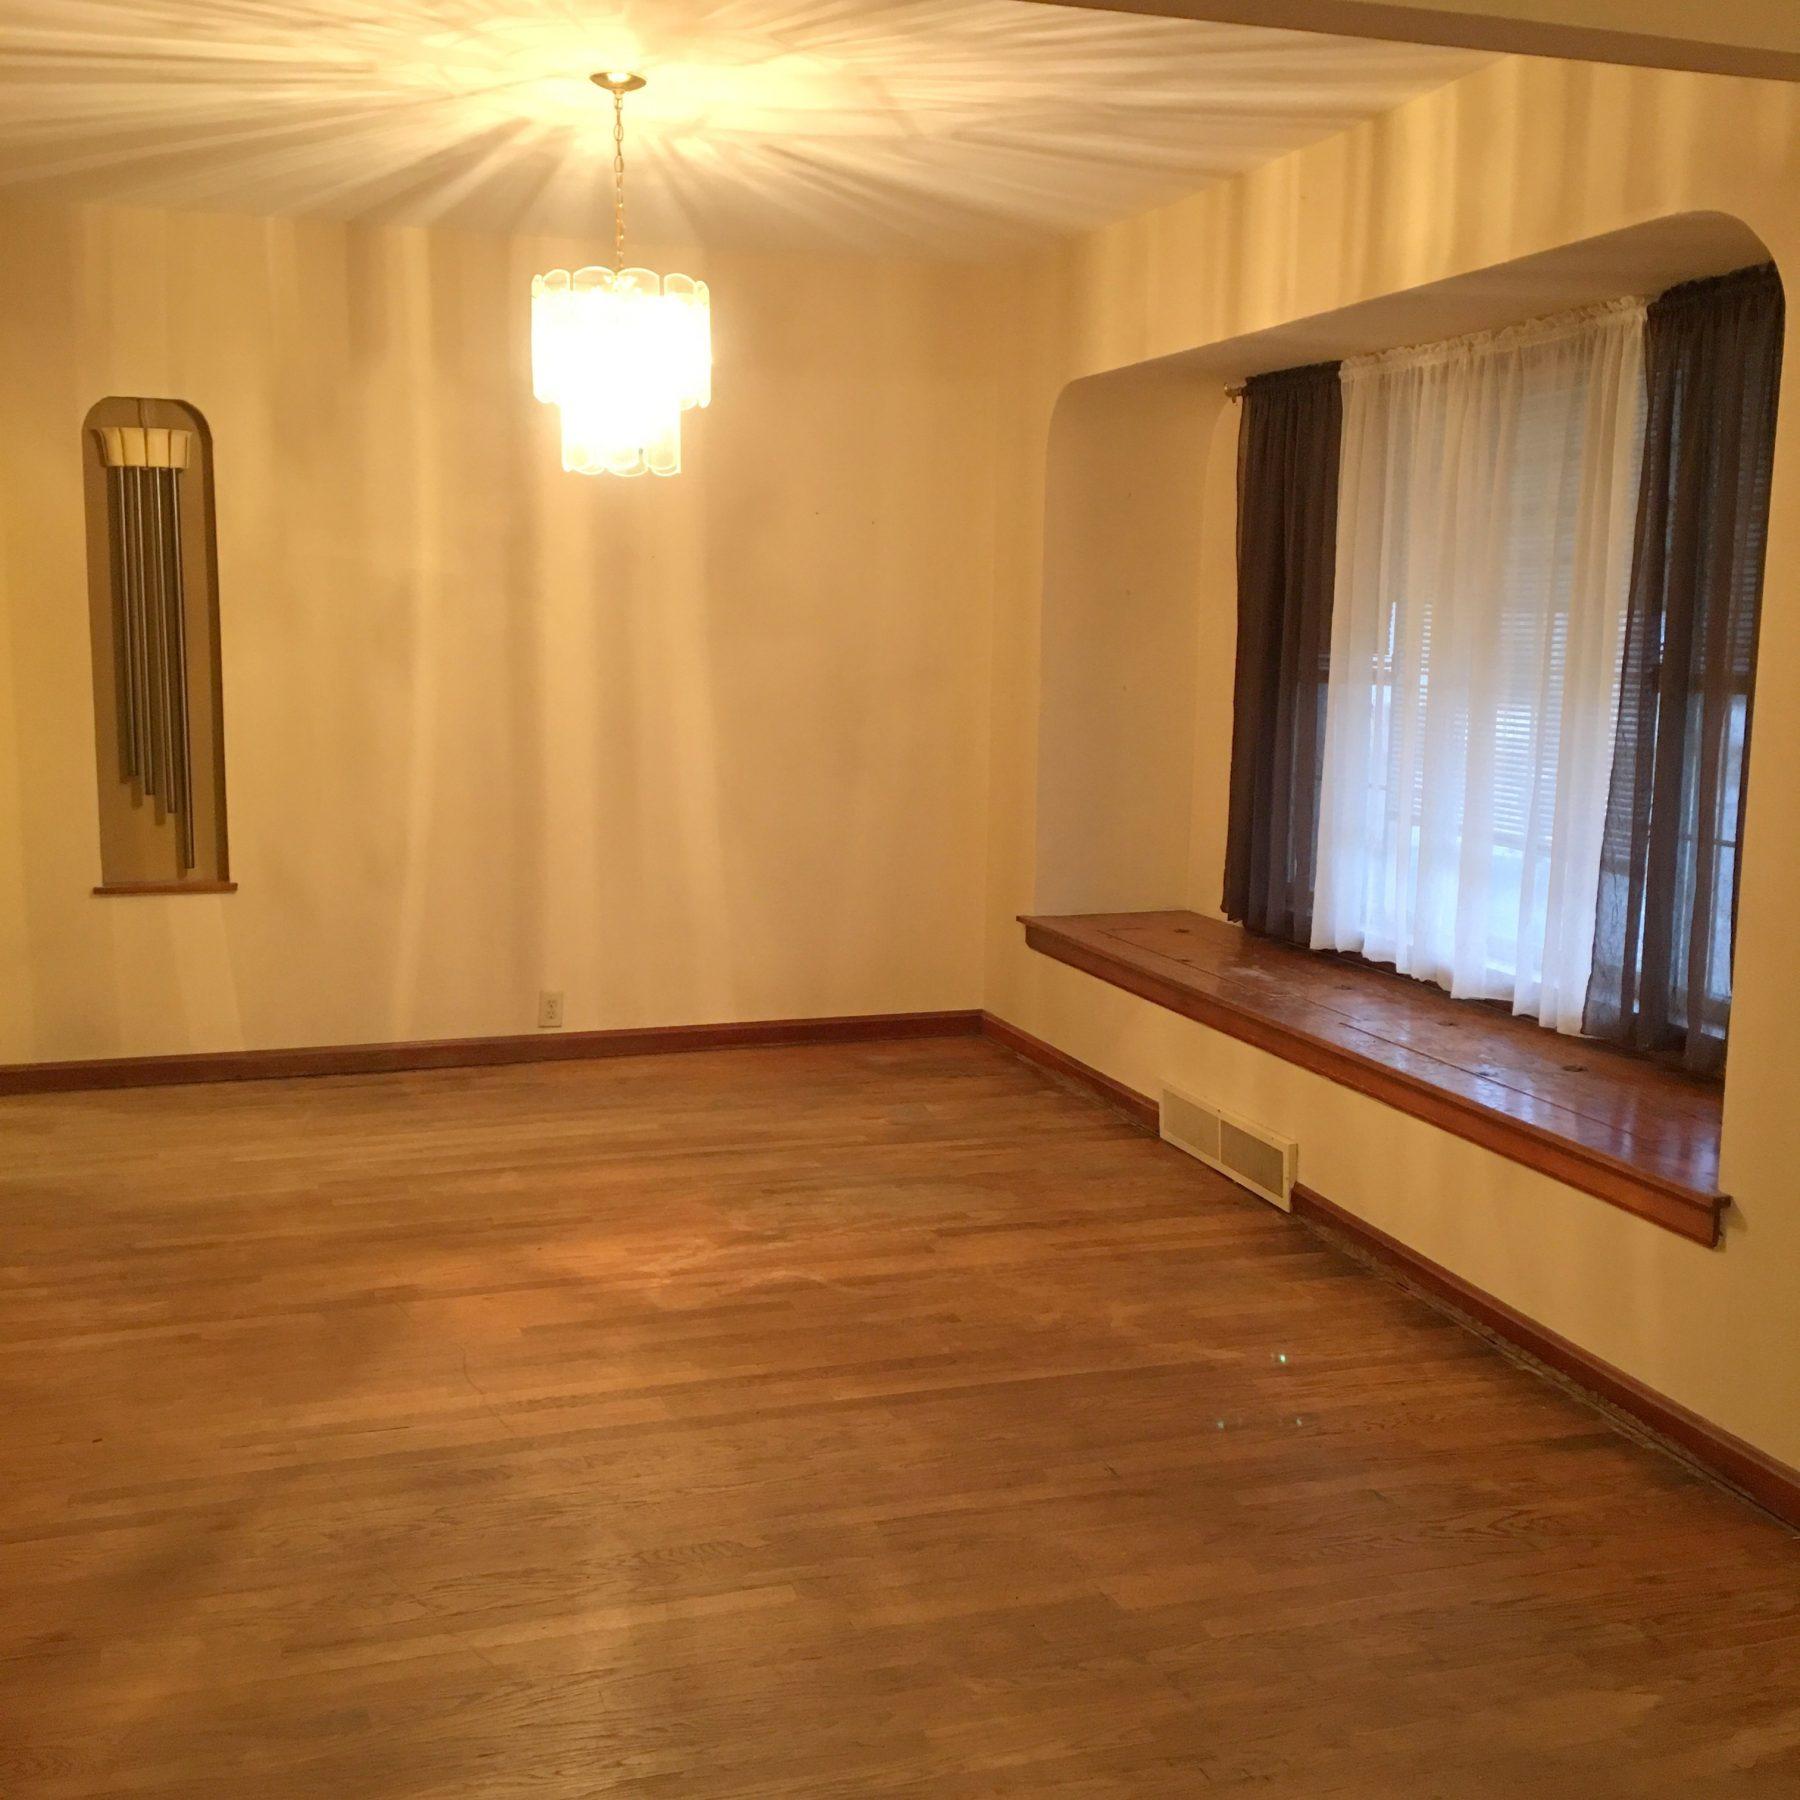 Varwig Dining room